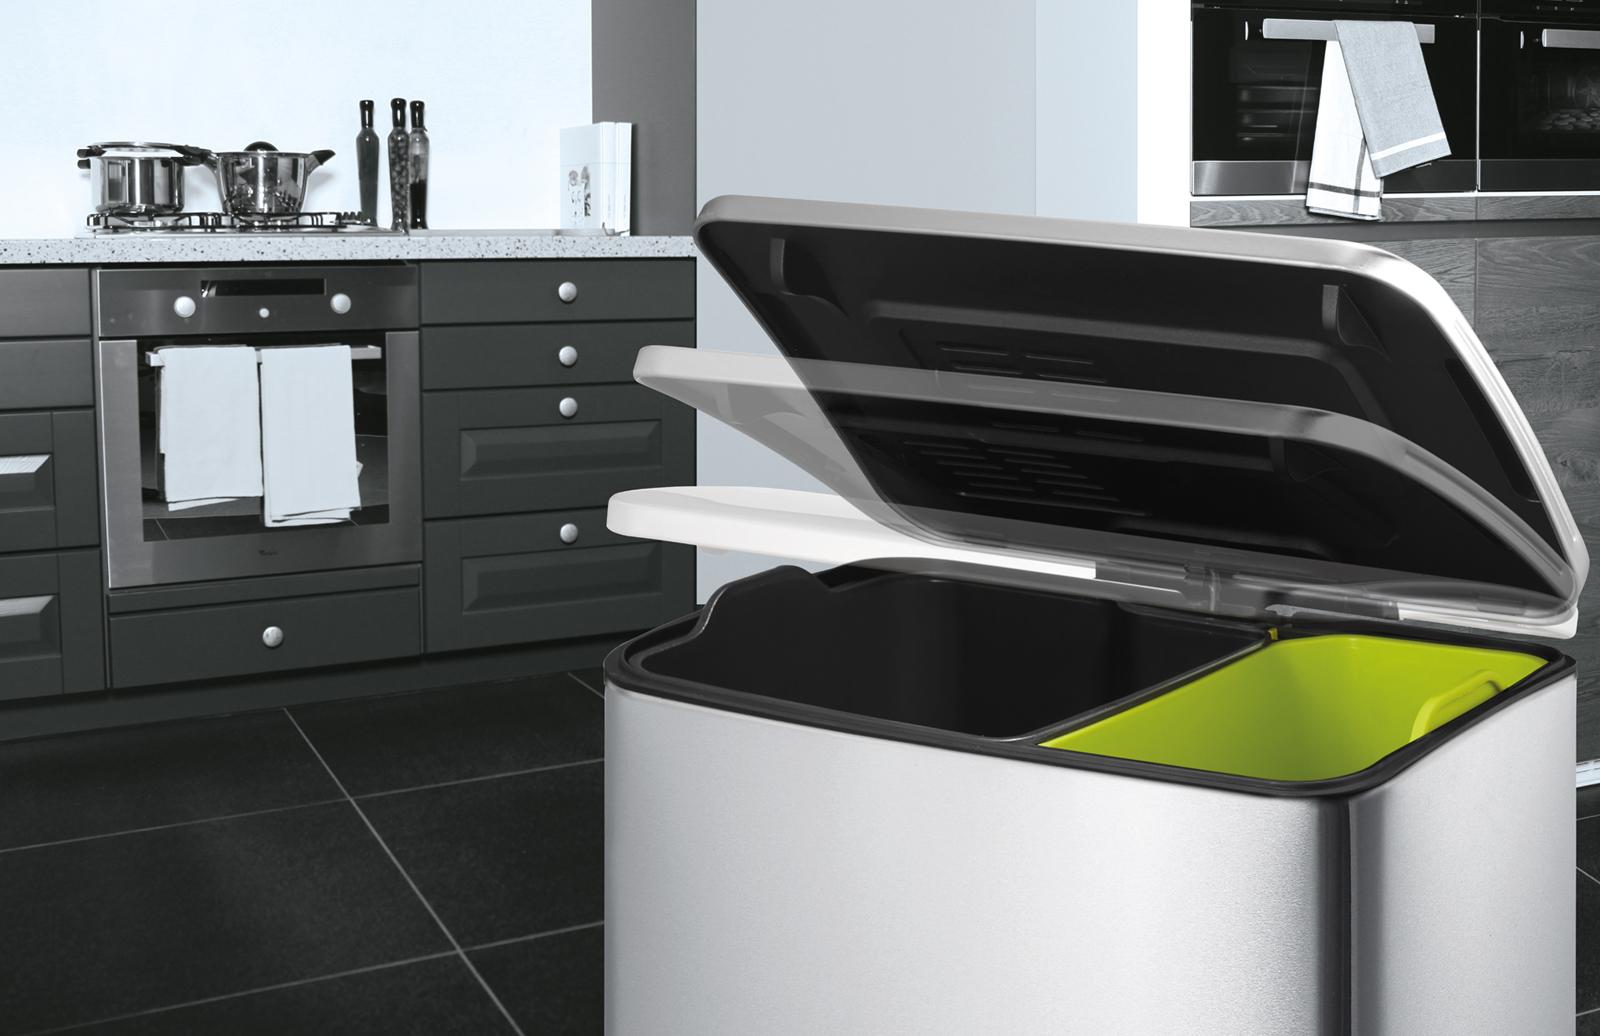 Afvalbakje Keuken Keukentafel : Keukenkast afvalbakken inbouw afvalbak nodig expert experty